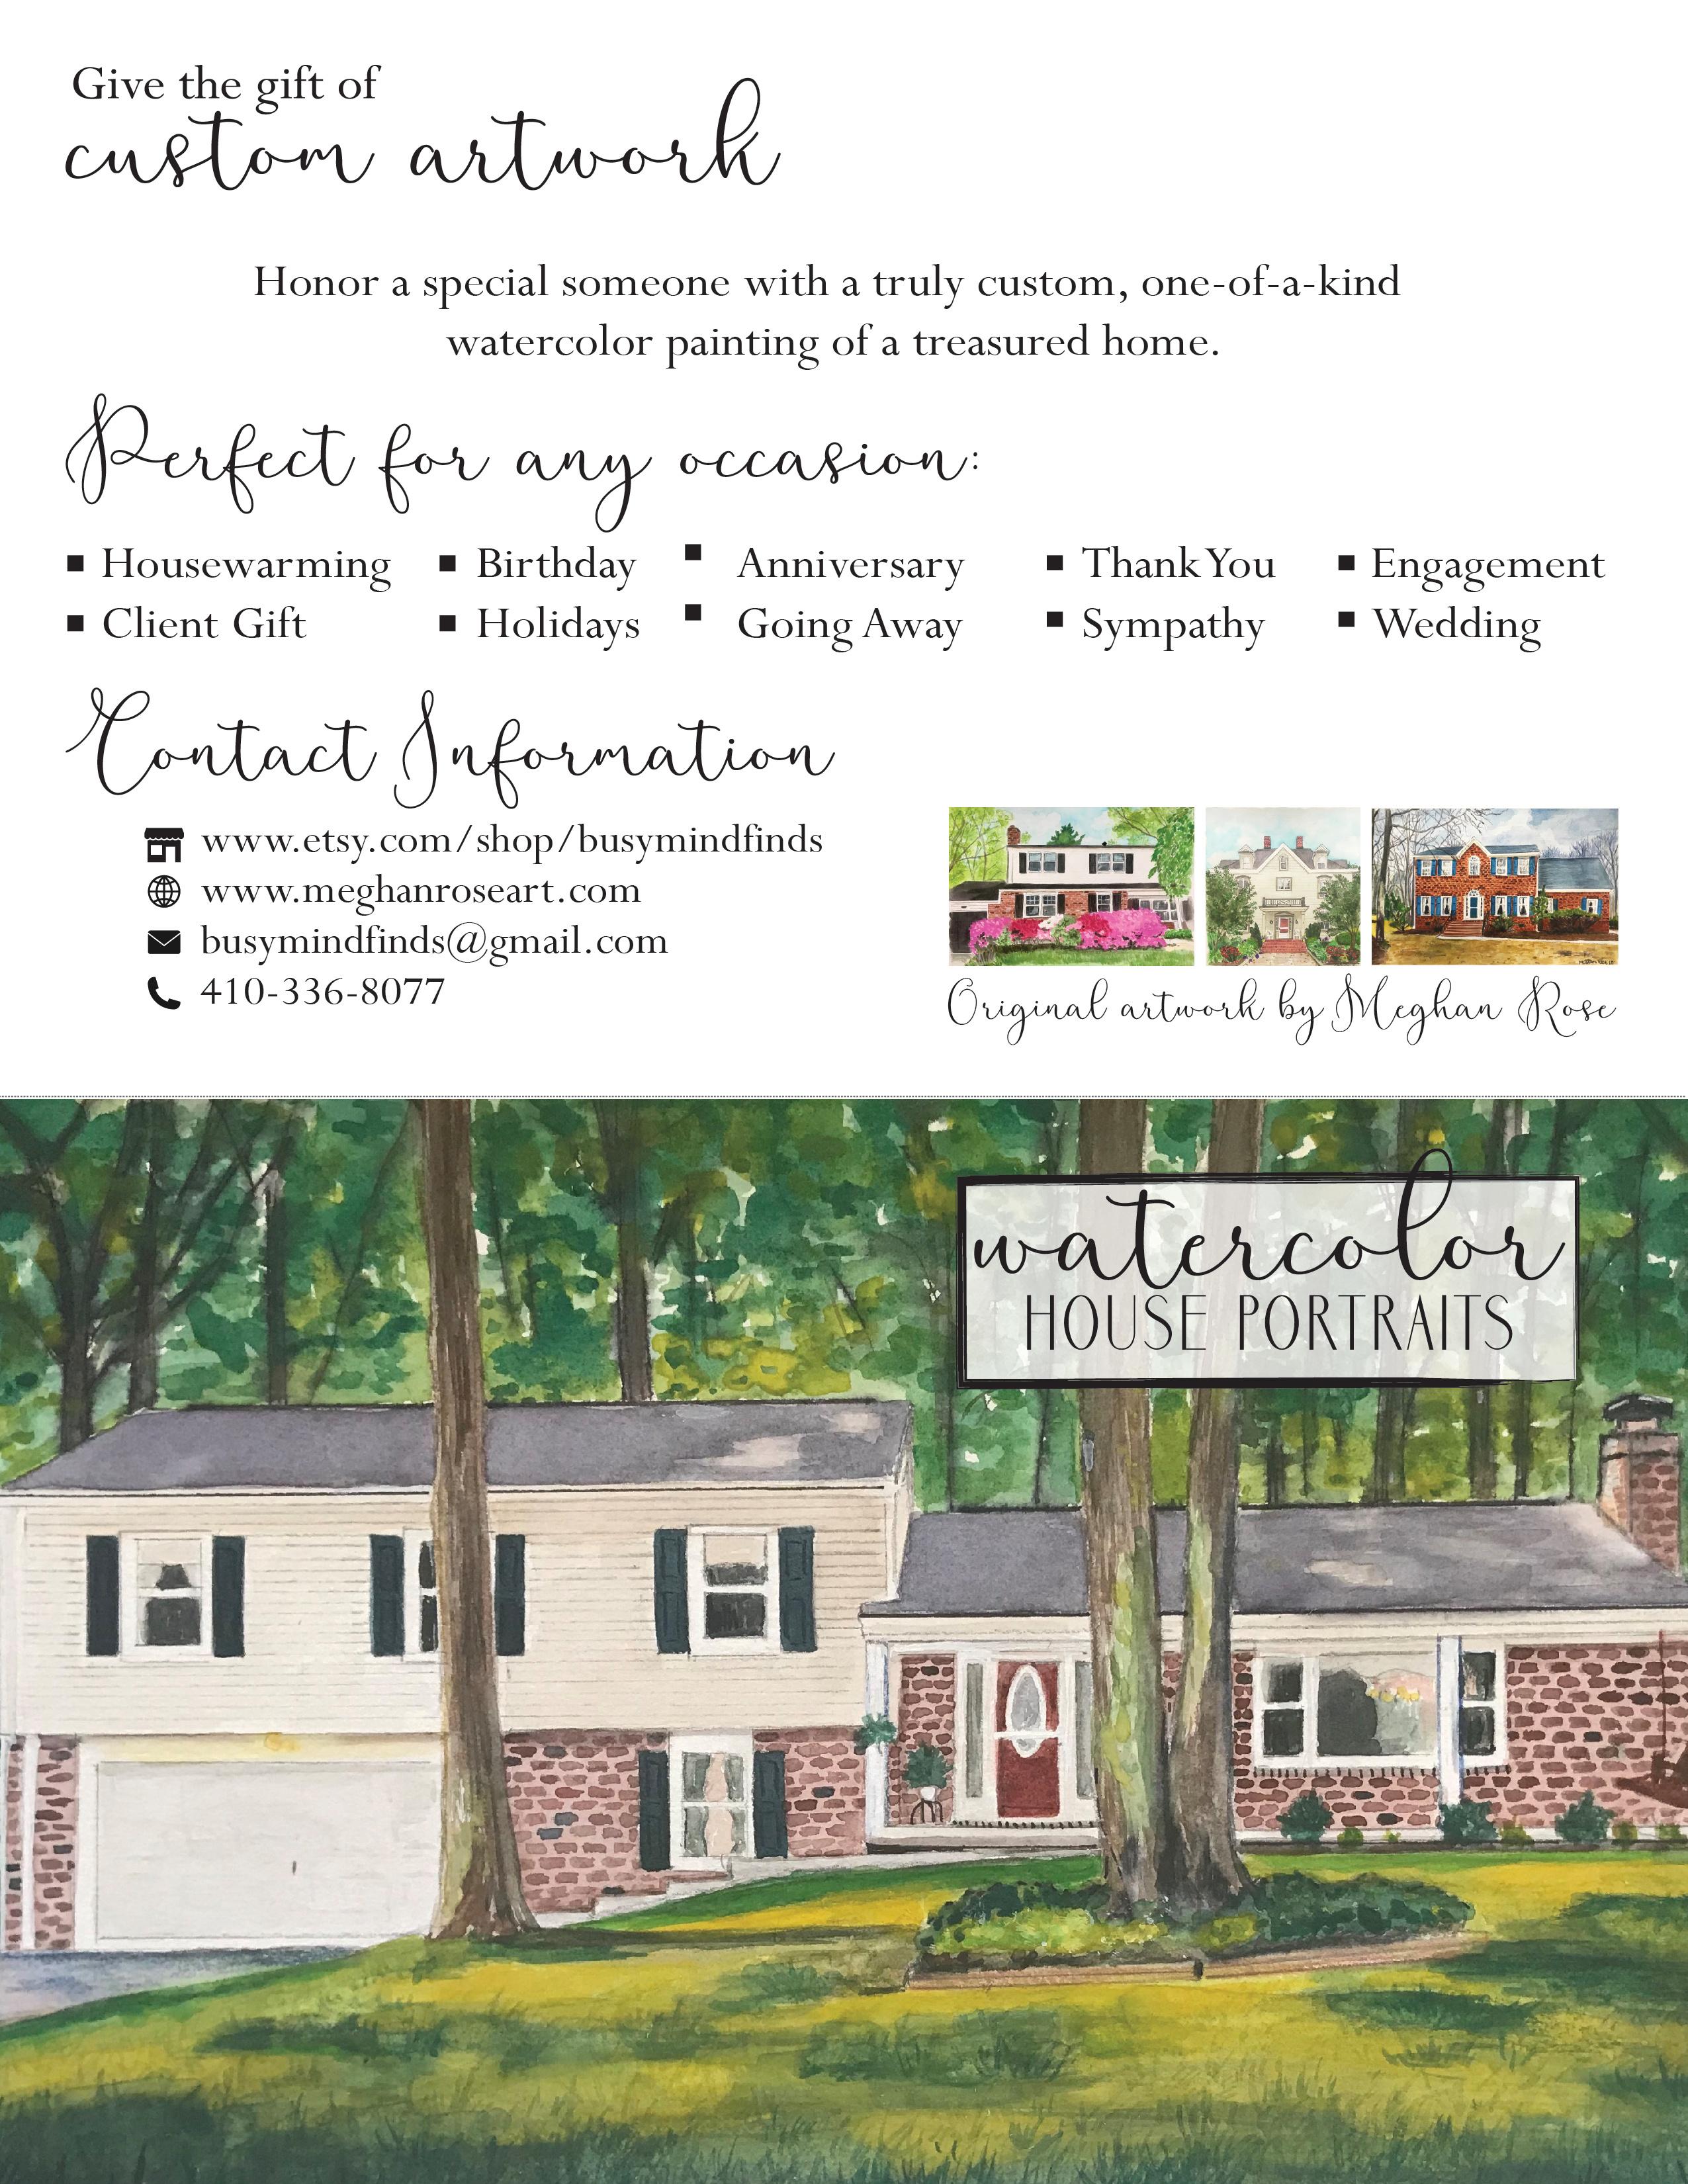 House Portrait Brochure 01